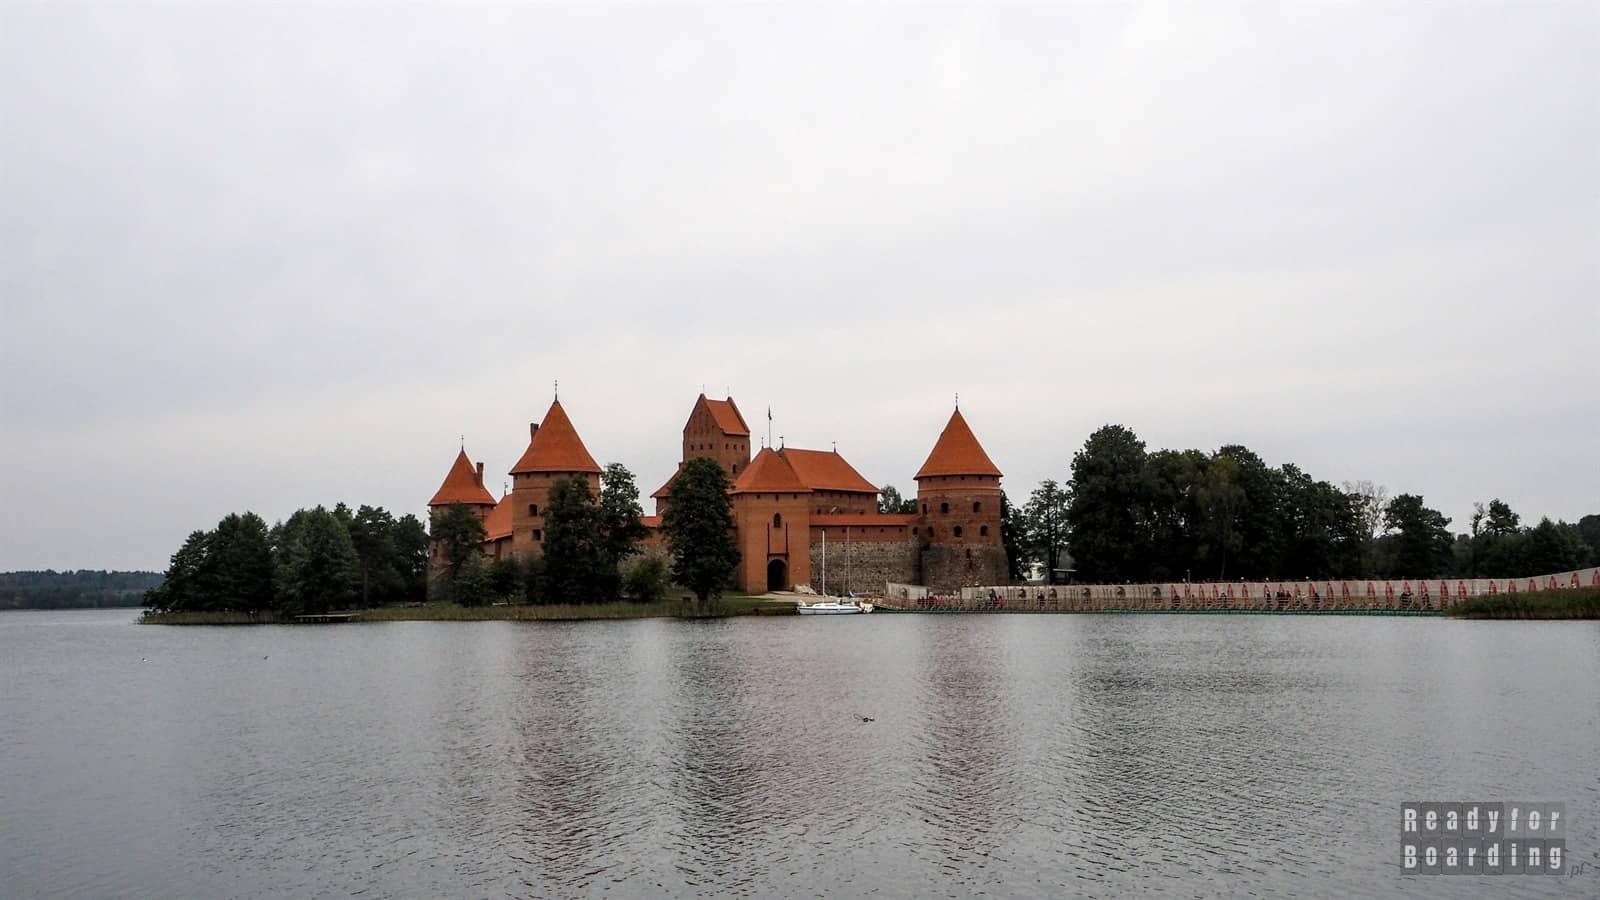 Litwa - Zamek w Trokach (galeria zdjęć)